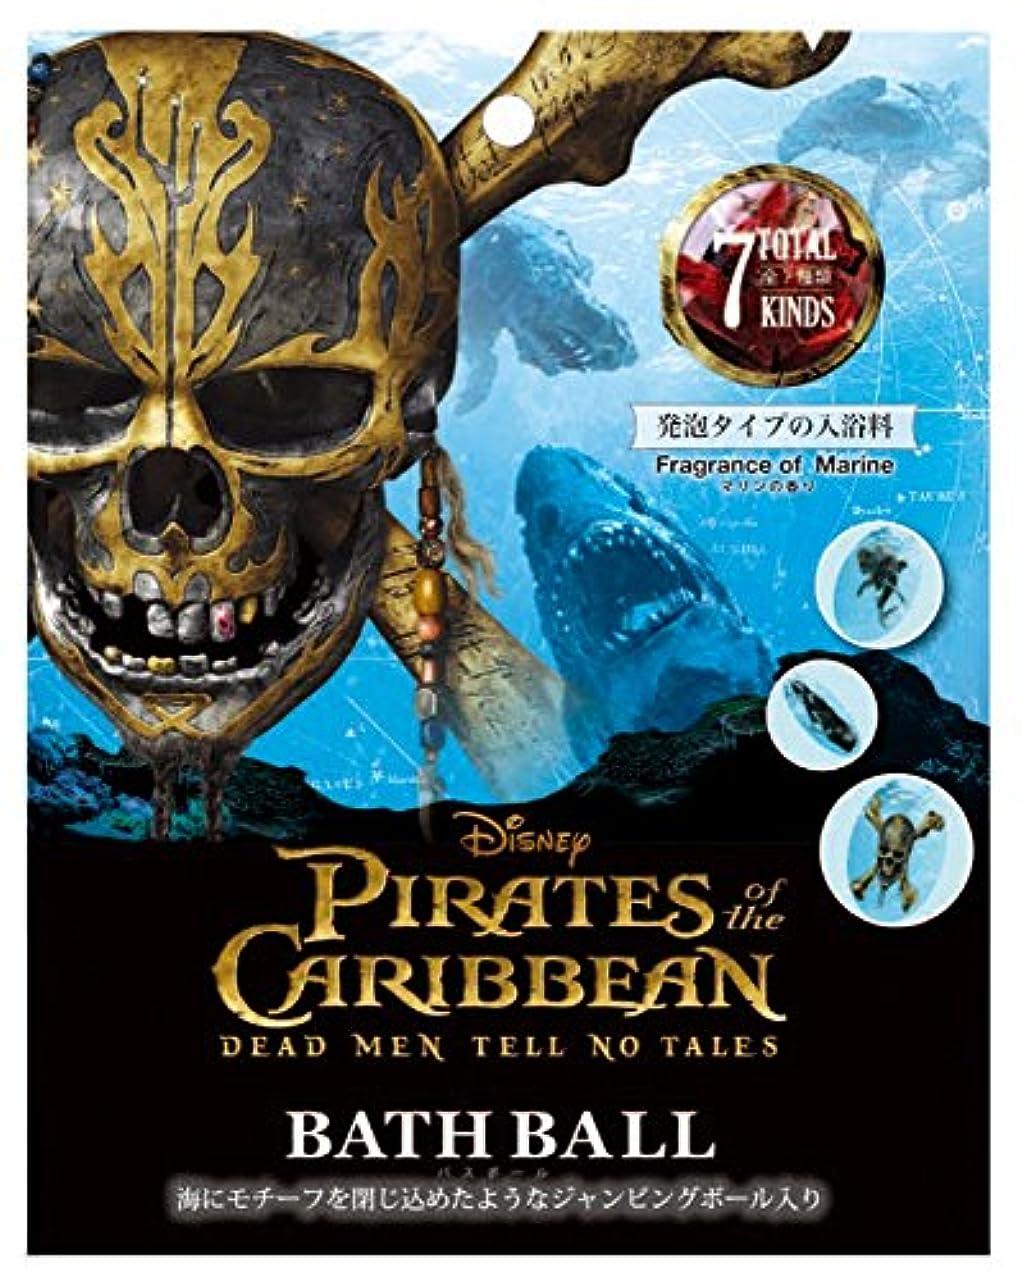 でも犯人発掘ディズニー 入浴剤 パイレーツオブカリビアン 最後の海賊 バスボール おまけ付き マリンの香り DIP-89-01